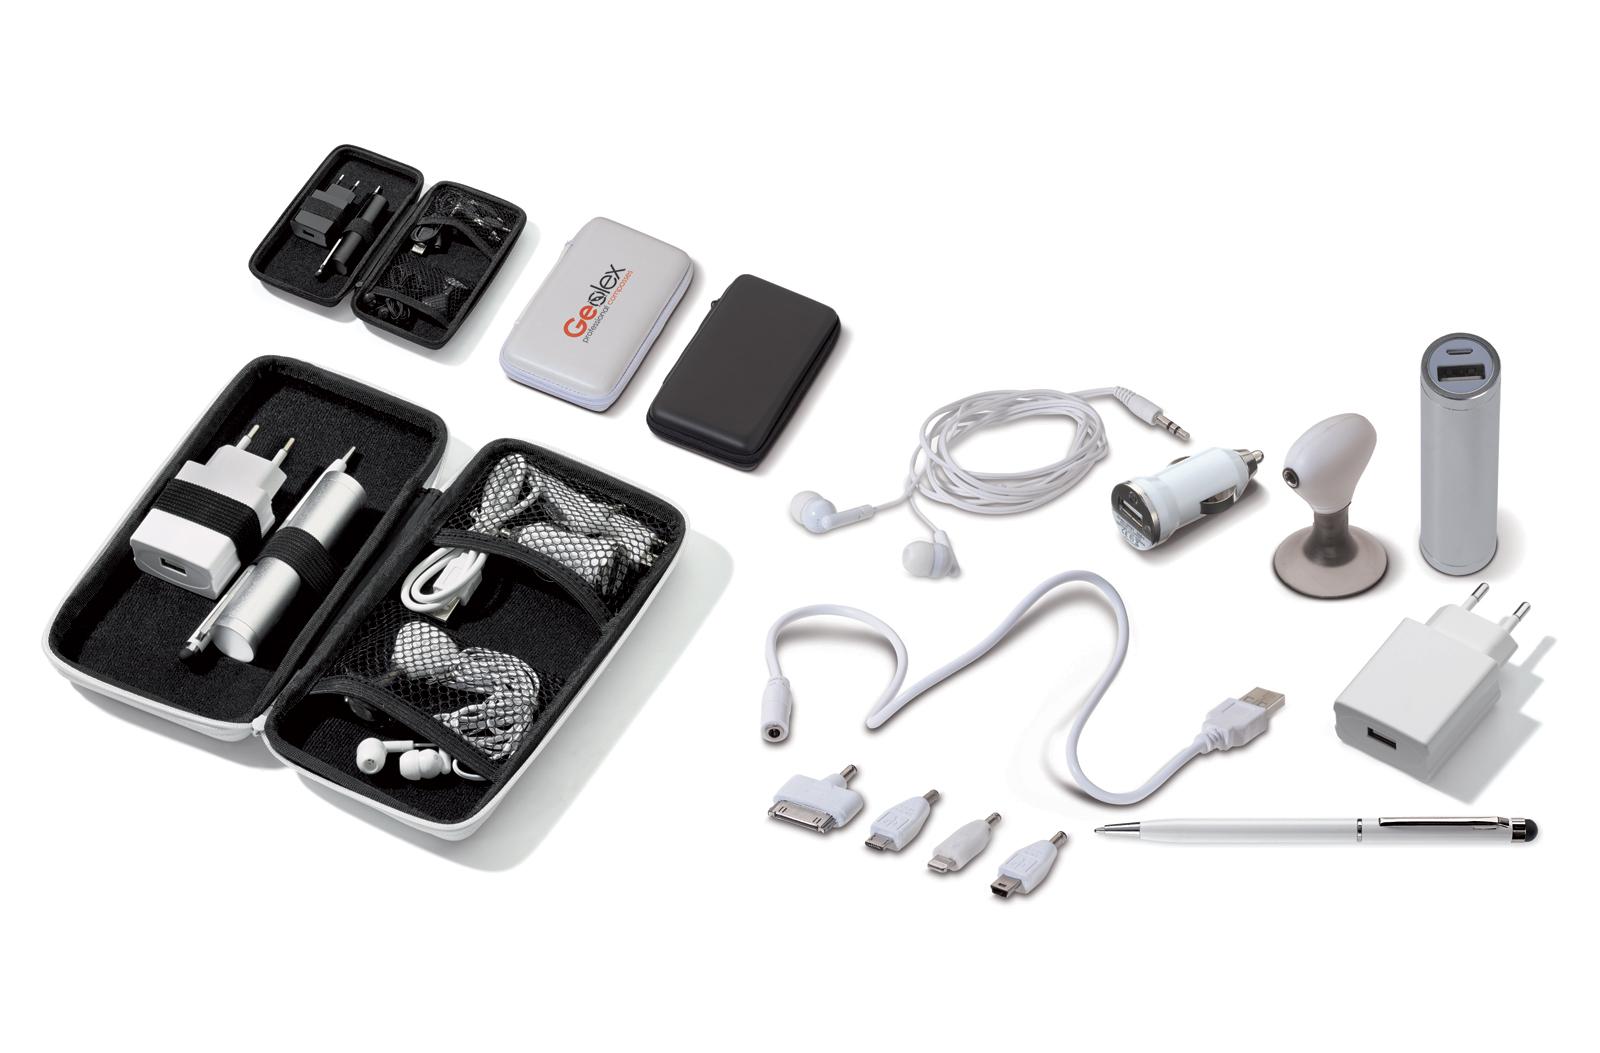 EVA reisetui met een draagbare accu 2000mAh. Laden middels bijgeleverde usb kabel en u kunt uw electronica laden middels bijgeleverde connecties: mini usb